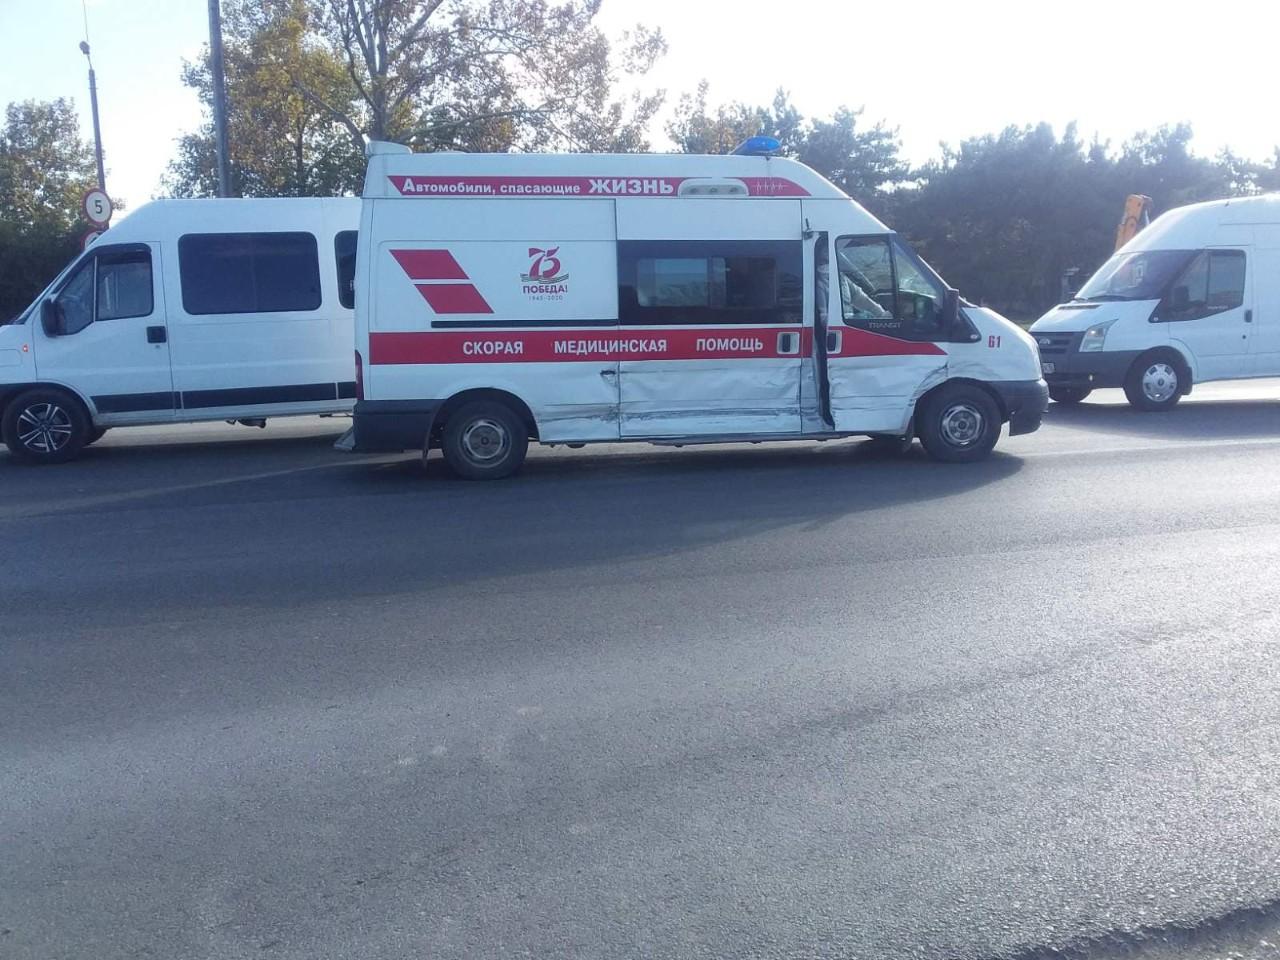 В Брянске две машины скорой помощи попали в ДТП в Советском районе